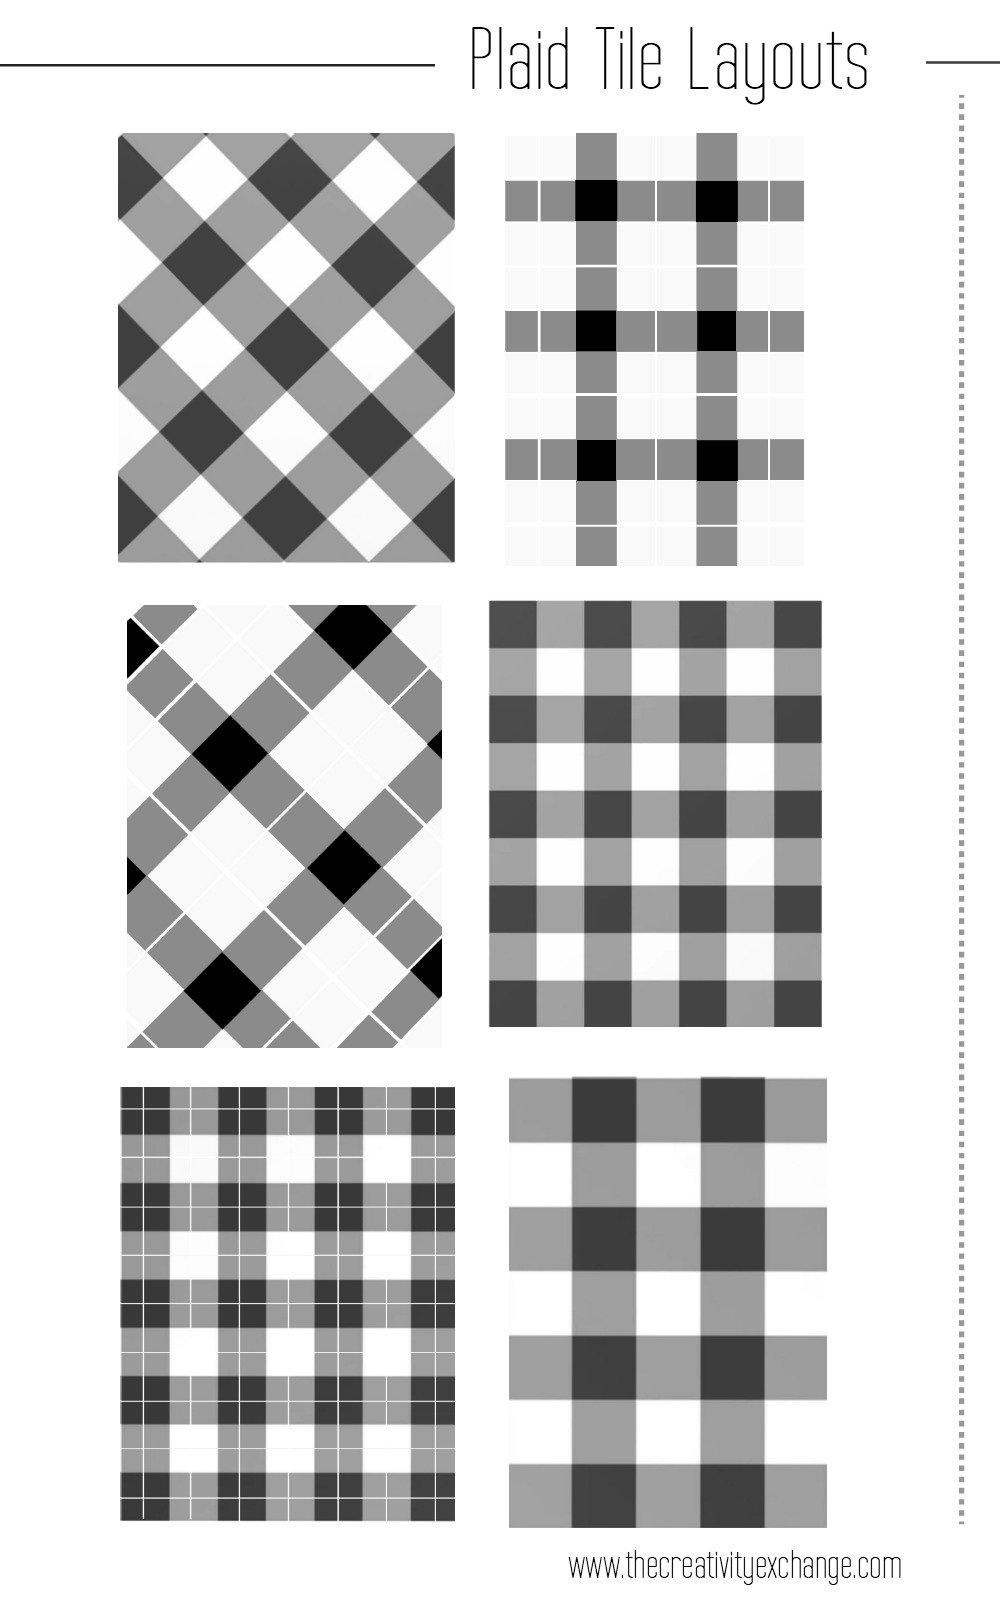 Plaid Tile Layout Design Patterns